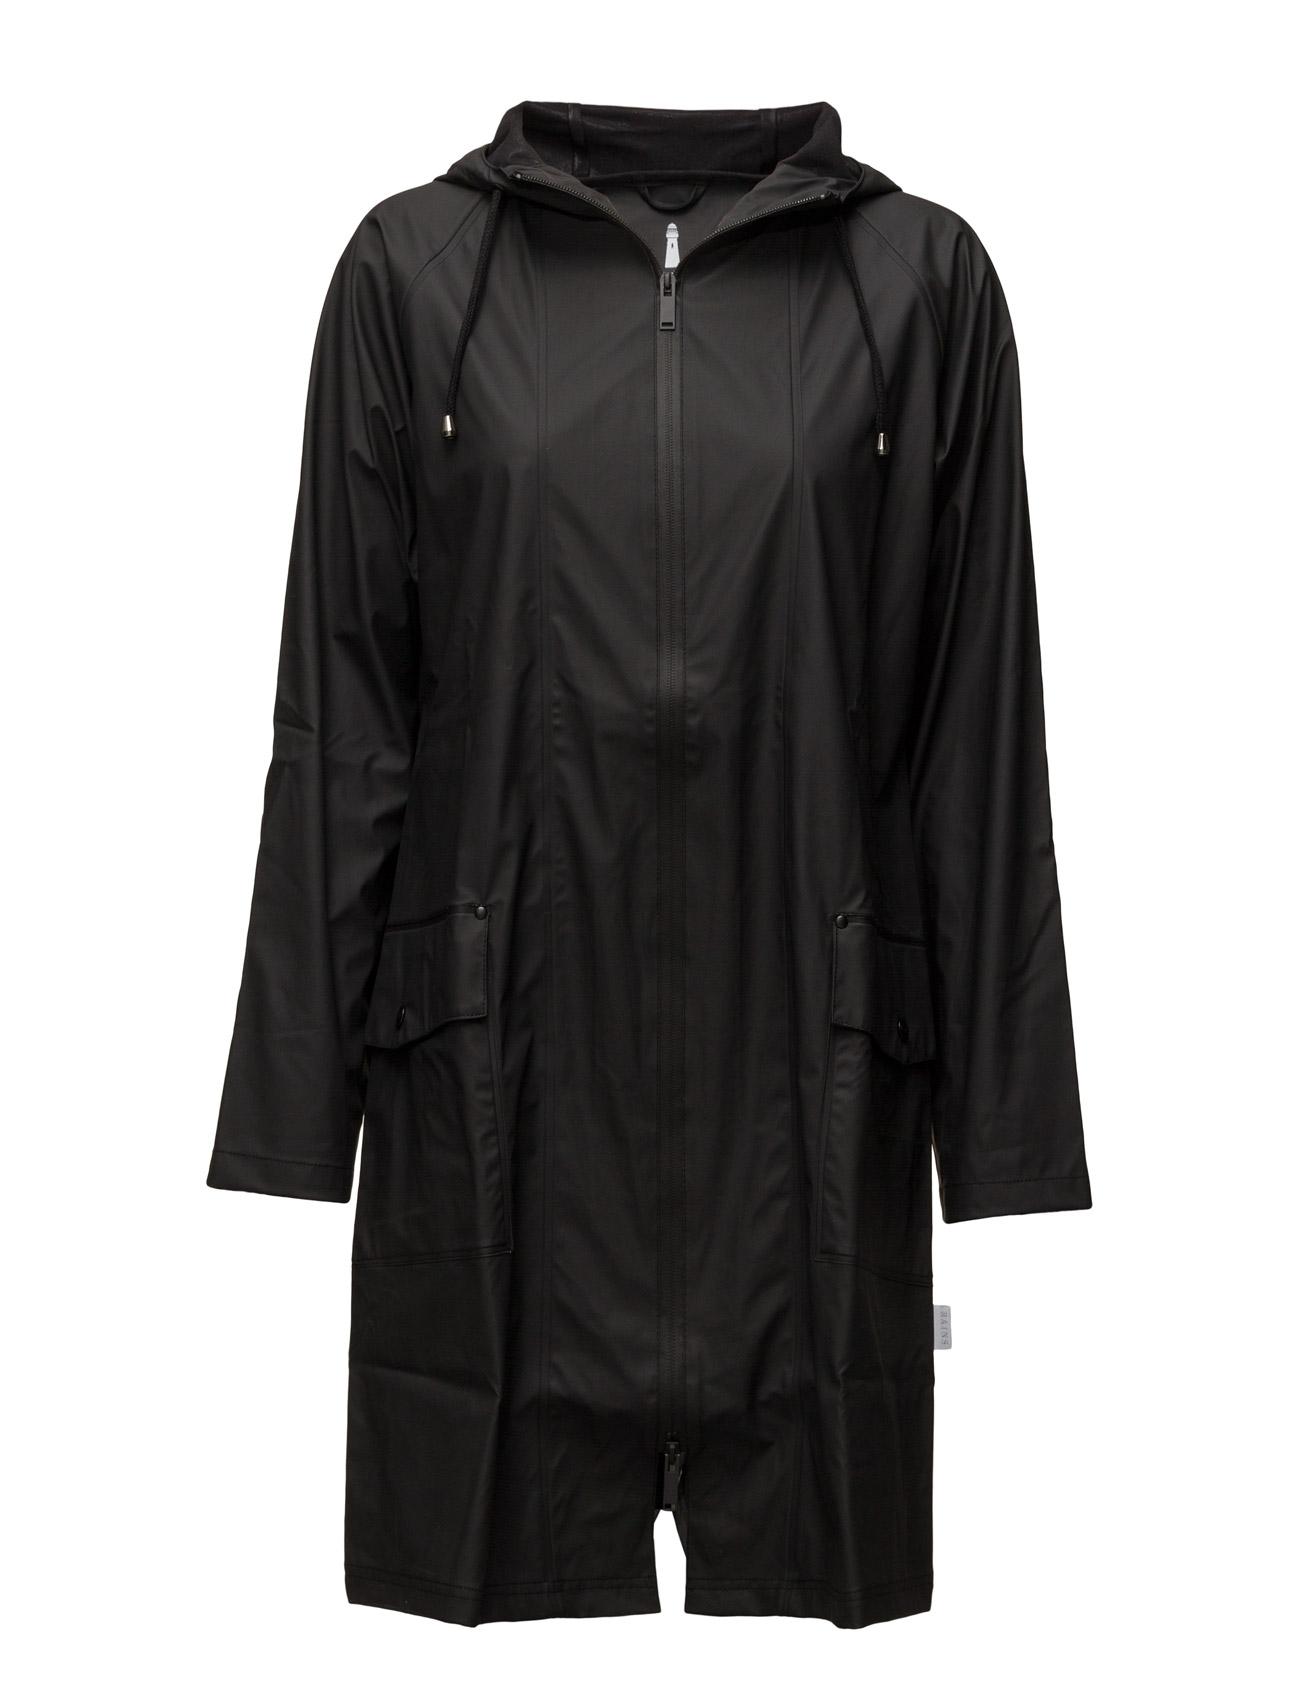 A-Jacket Rains Regntøj til Damer i